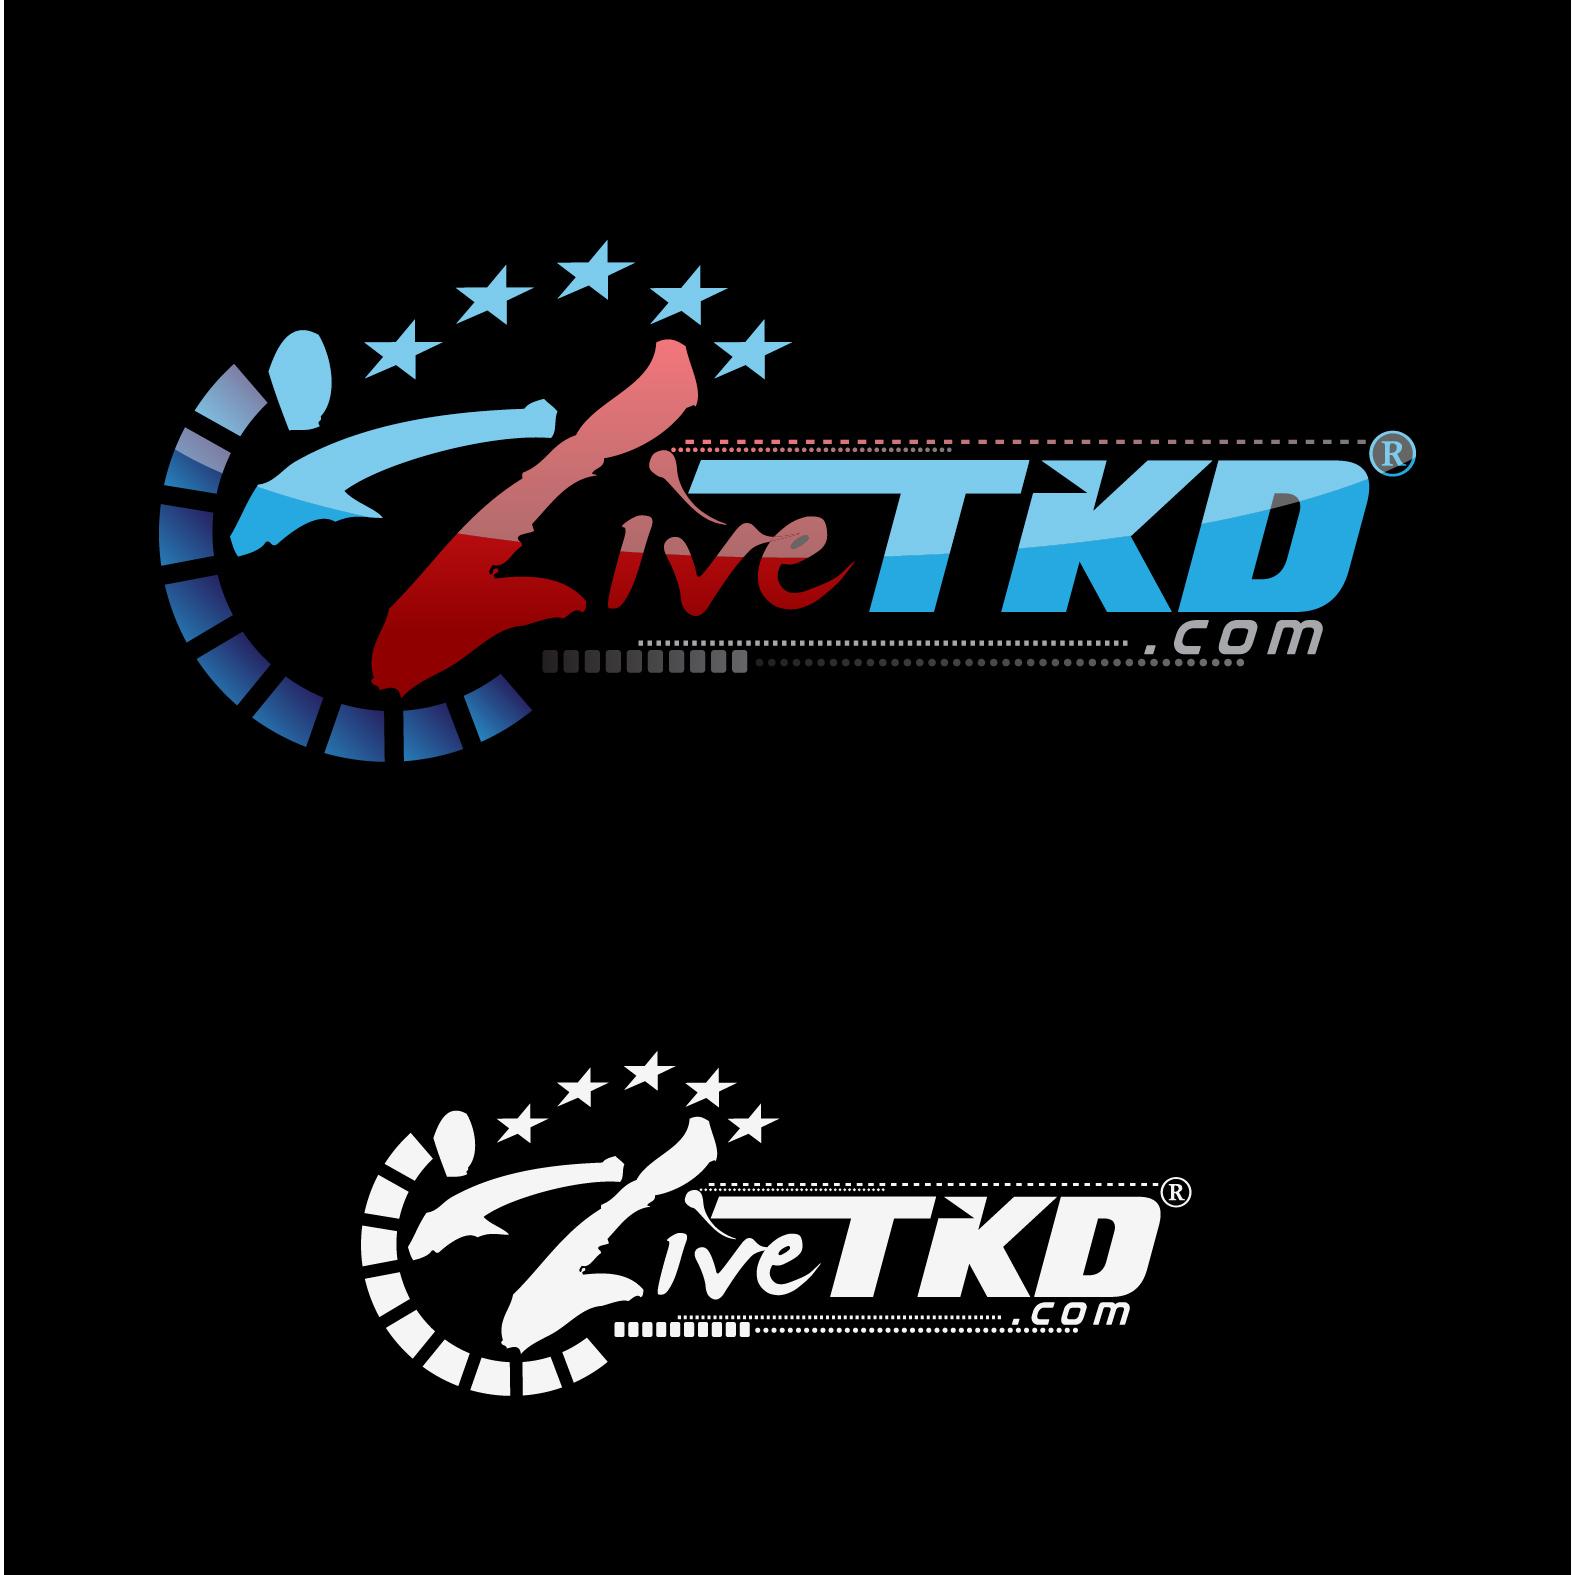 Logo Design by lagalag - Entry No. 109 in the Logo Design Contest New Logo Design for LiveTKD.com.